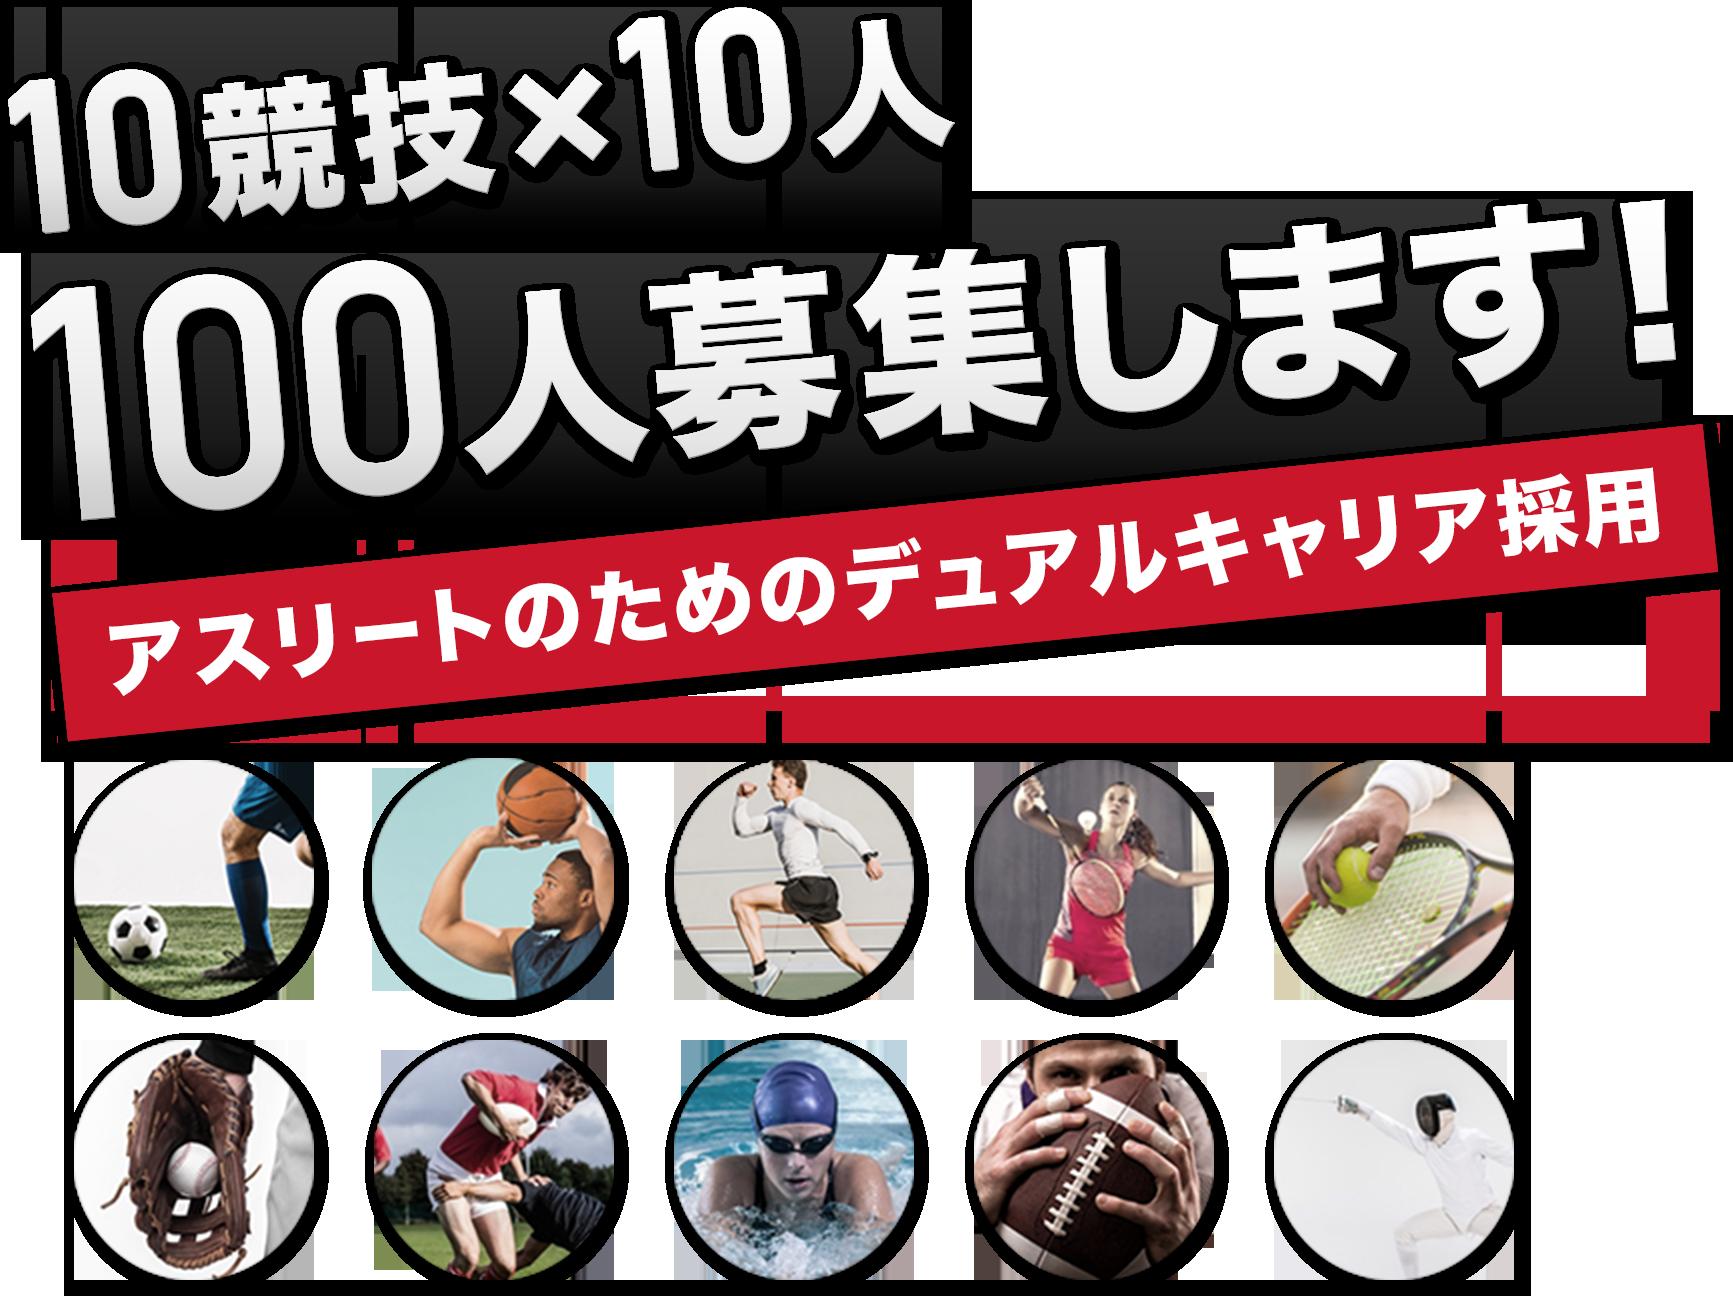 10競技×10人 100人募集します!アスリートのためのデュアルキャリア採用